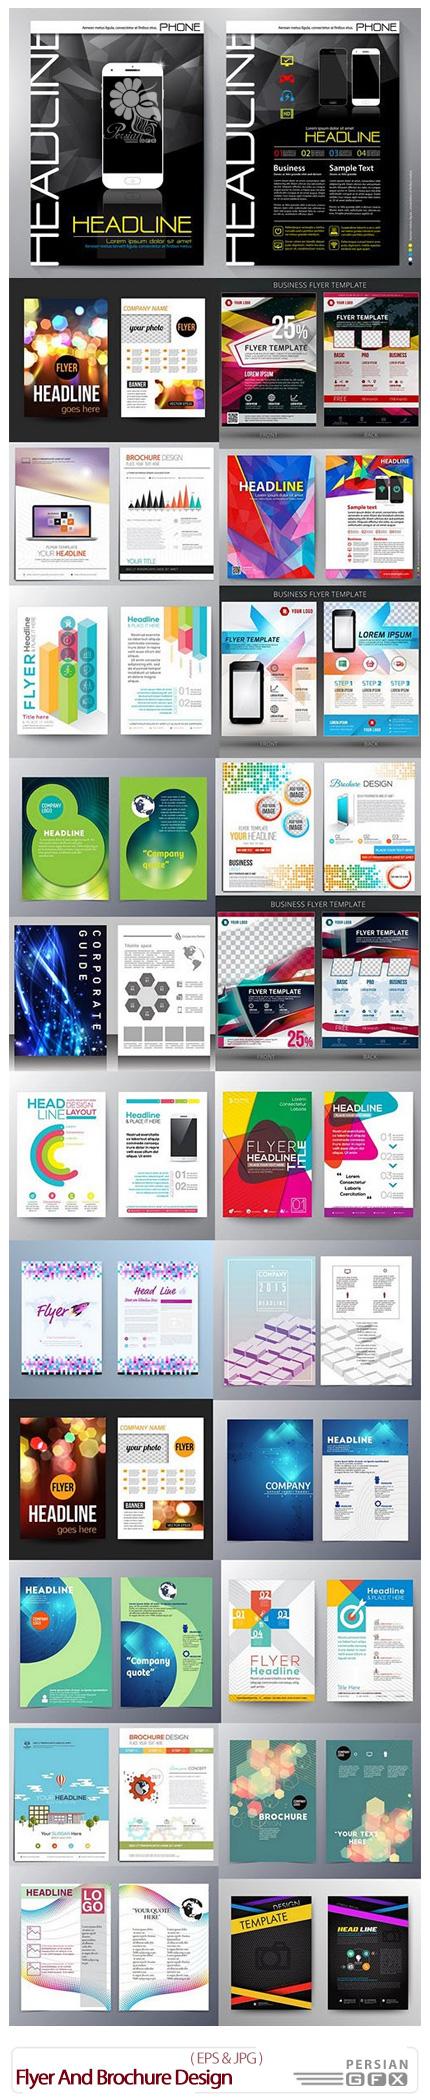 دانلود تصاویر وکتور بروشورهای تجاری فانتزی - Flyer And Brochure Design